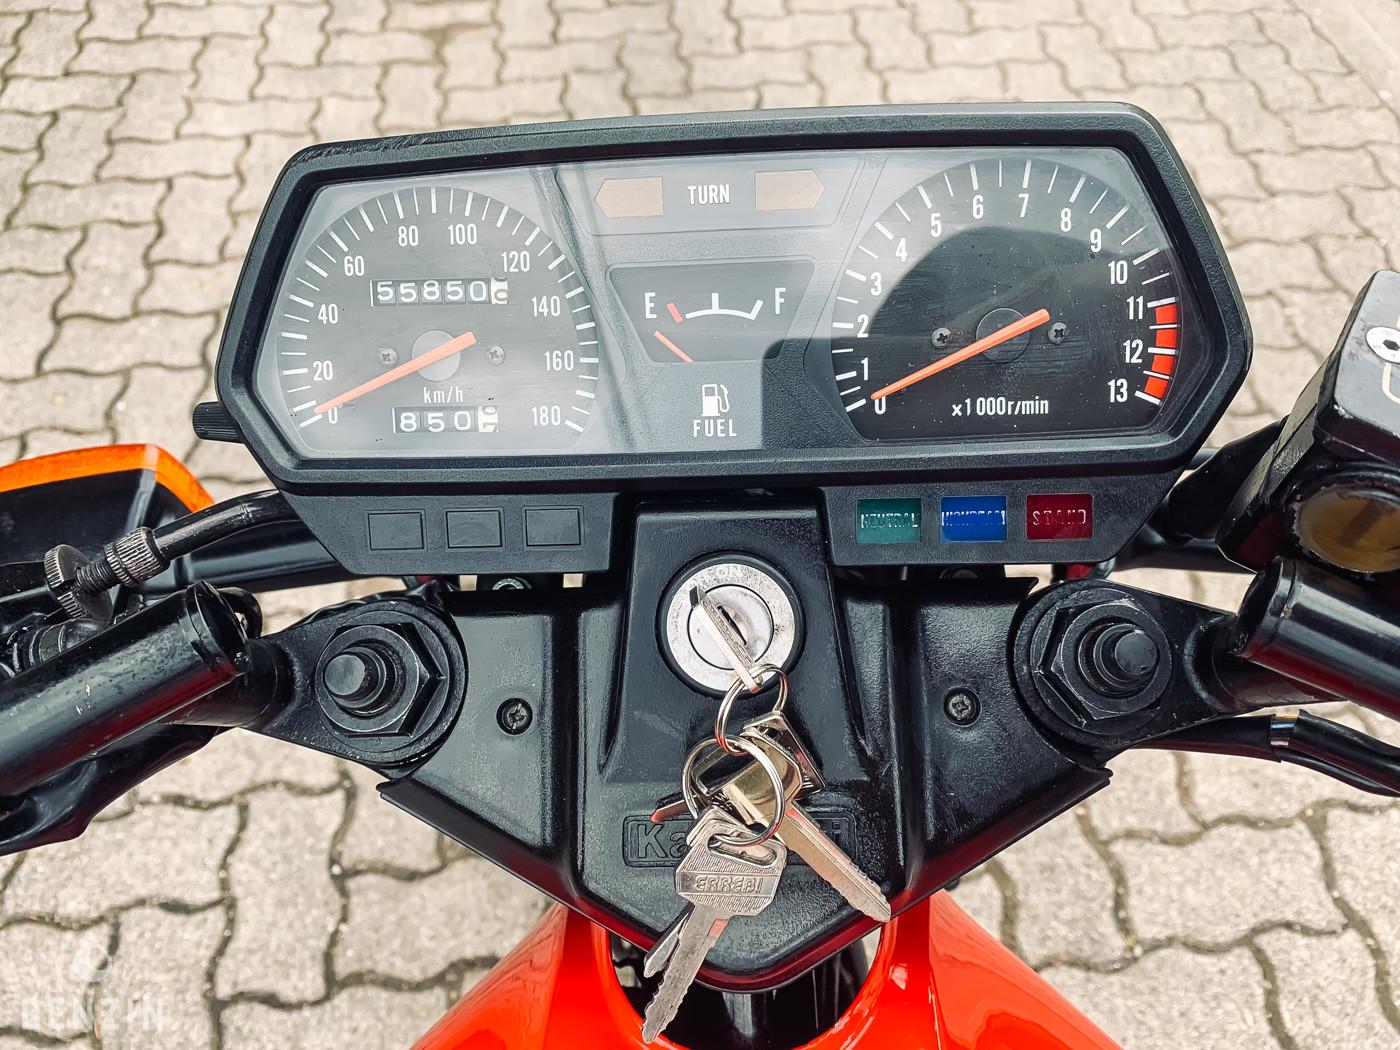 KAWASAKI GPZ 305 BELT DRIVE OCCASION A VENDRE FOR SALE EN VENTA IN VENDITA ZU VERKAUFEN - 1986